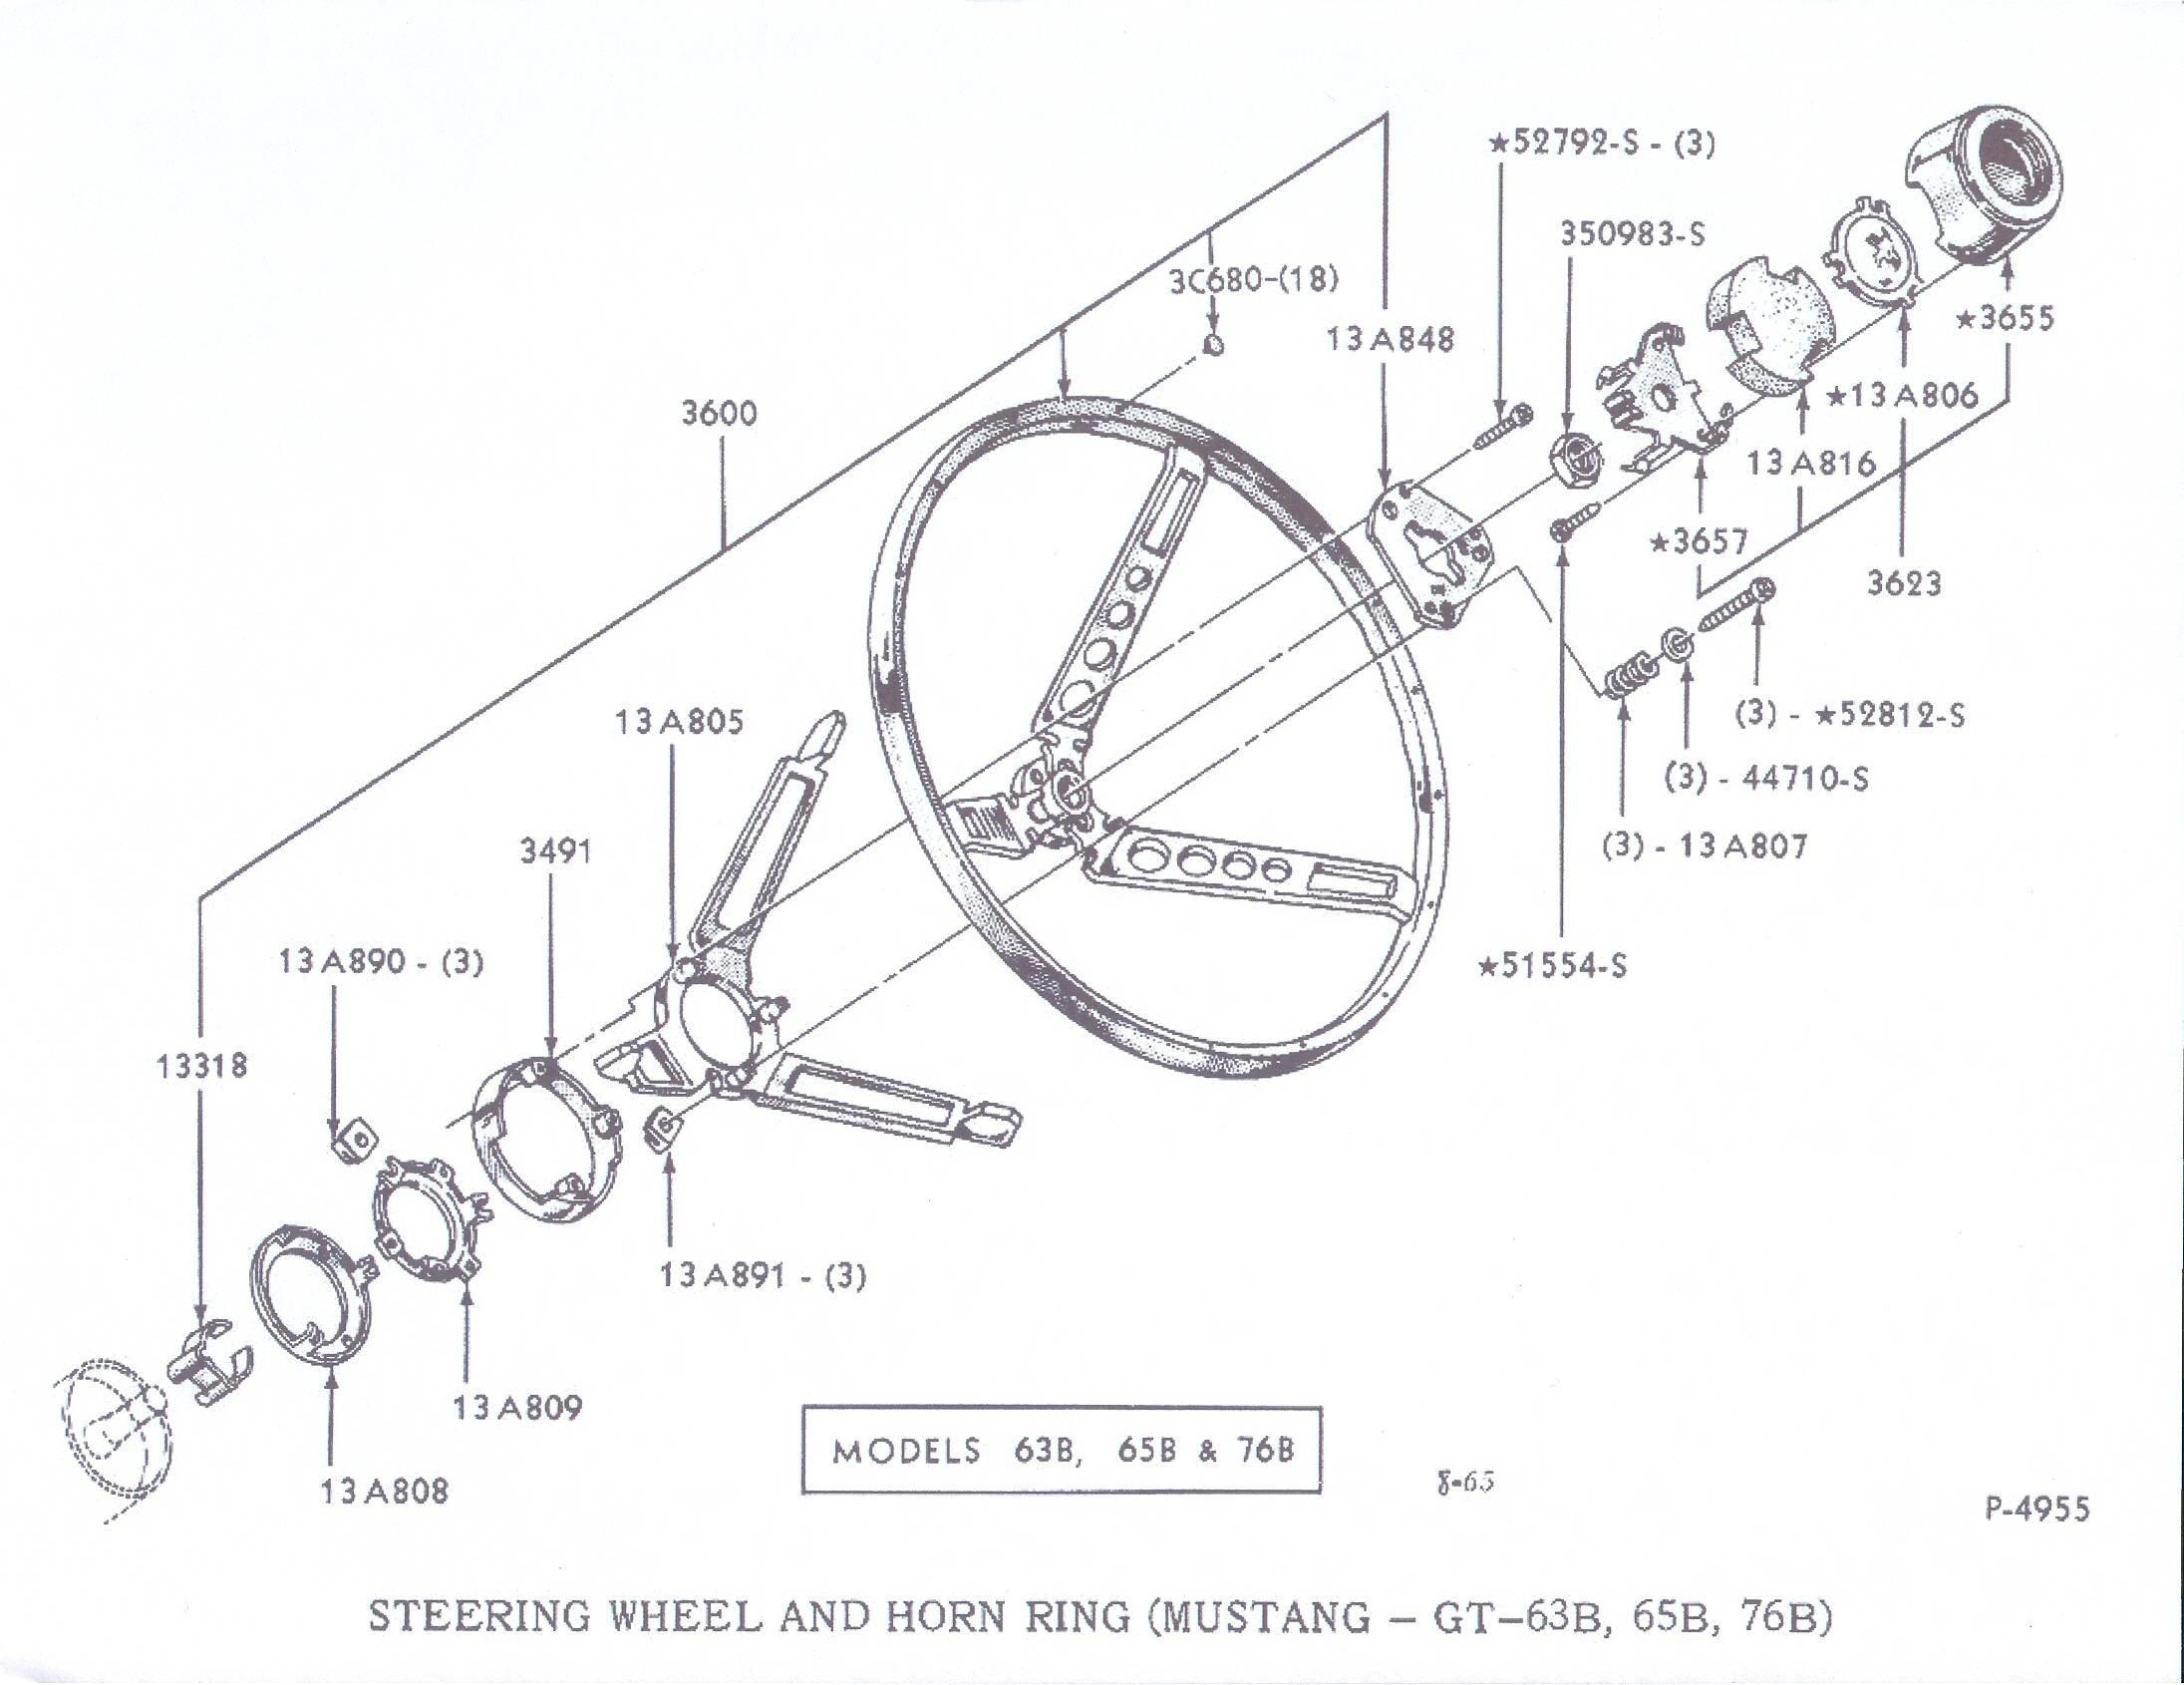 1966 mustang steering wheel bedradings schema